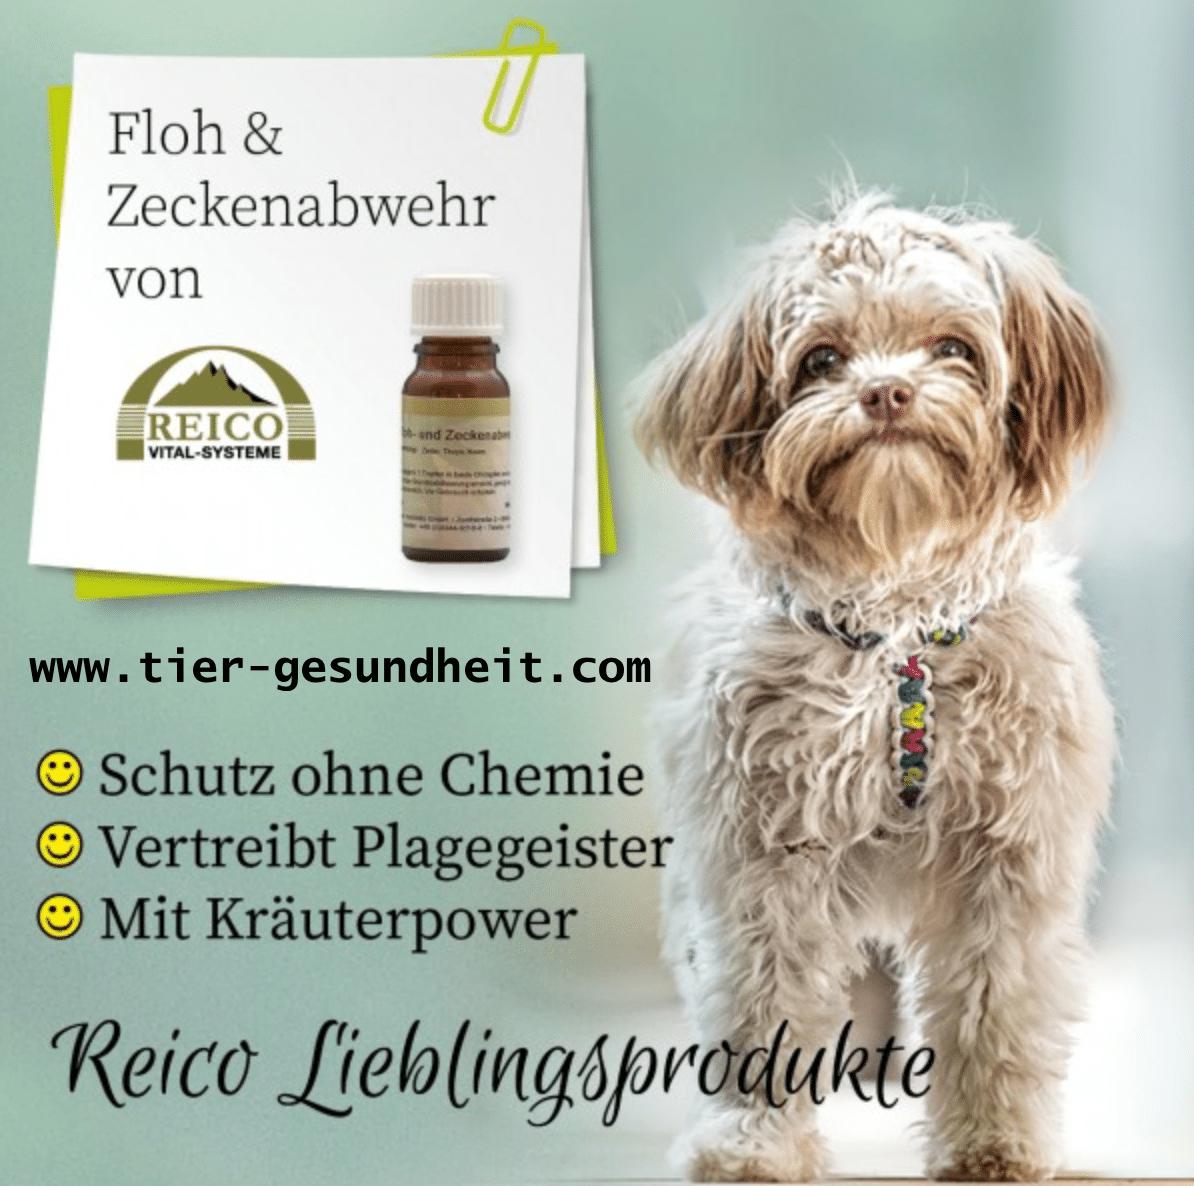 chemiefreies-zeckenabwehr-von-reico-vital-hund-1